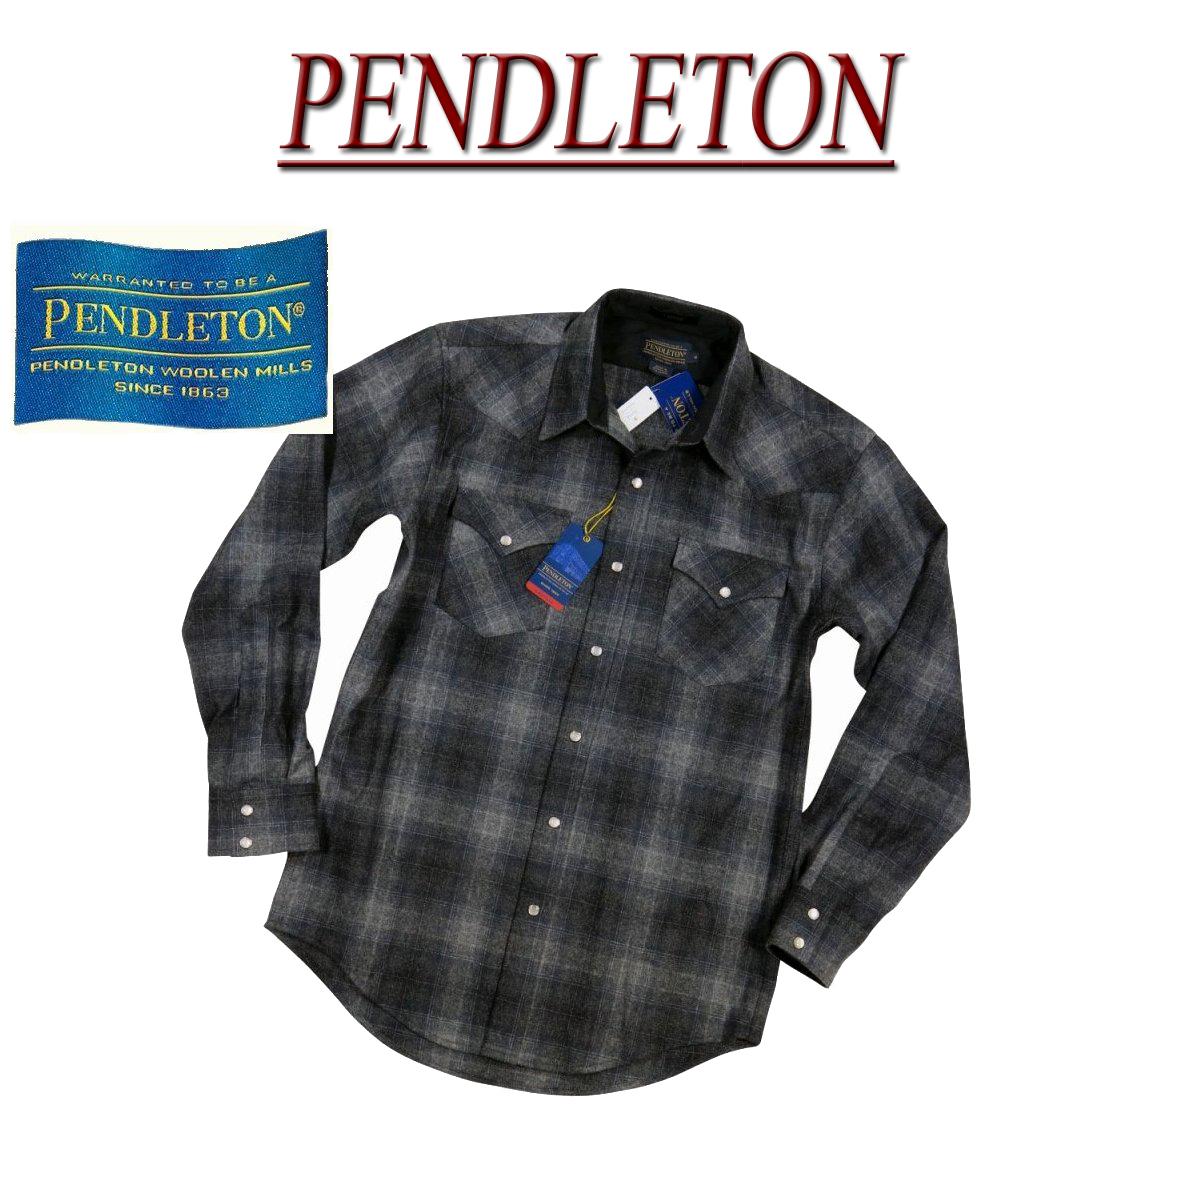 【5サイズ】 ac232 新品 PENDLETON CANYON SHIRT FITTED オンブレチェック 長袖 ウール ウエスタンシャツ DA023-31962 メンズ ペンドルトン チェックシャツ ペンデルトン ウールシャツ アメカジ 【smtb-kd】